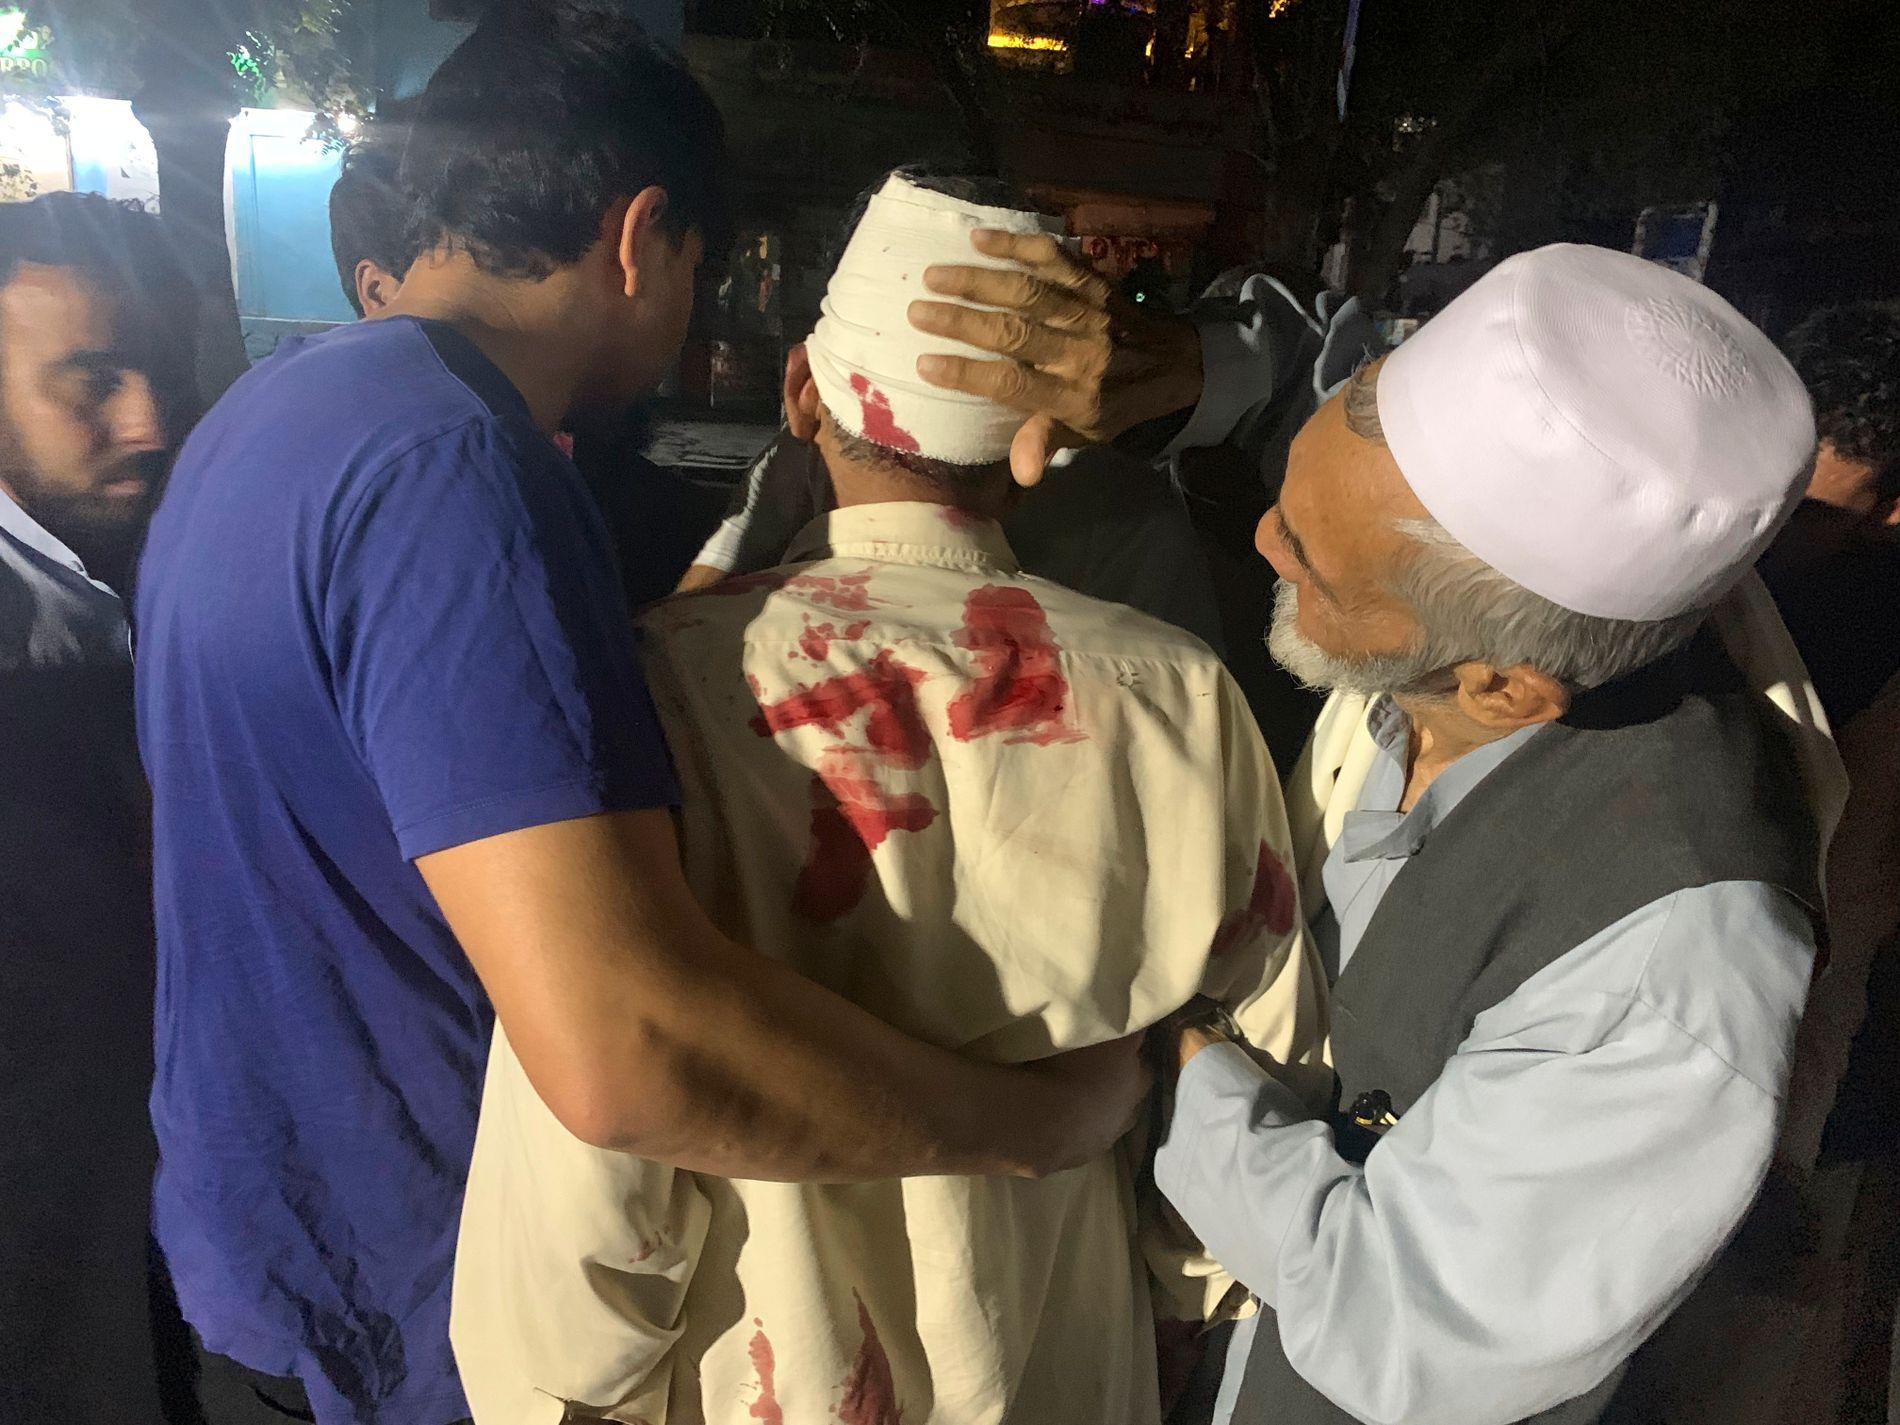 En strøm av sårede ankom mandag kveld sykehus i Kabul, etter at en kraftig bilbombe eksploderte øst i den afghanske hovedstaden. Taliban har tatt på seg ansvaret for angrepet. Foto: AP / NTB scanpix